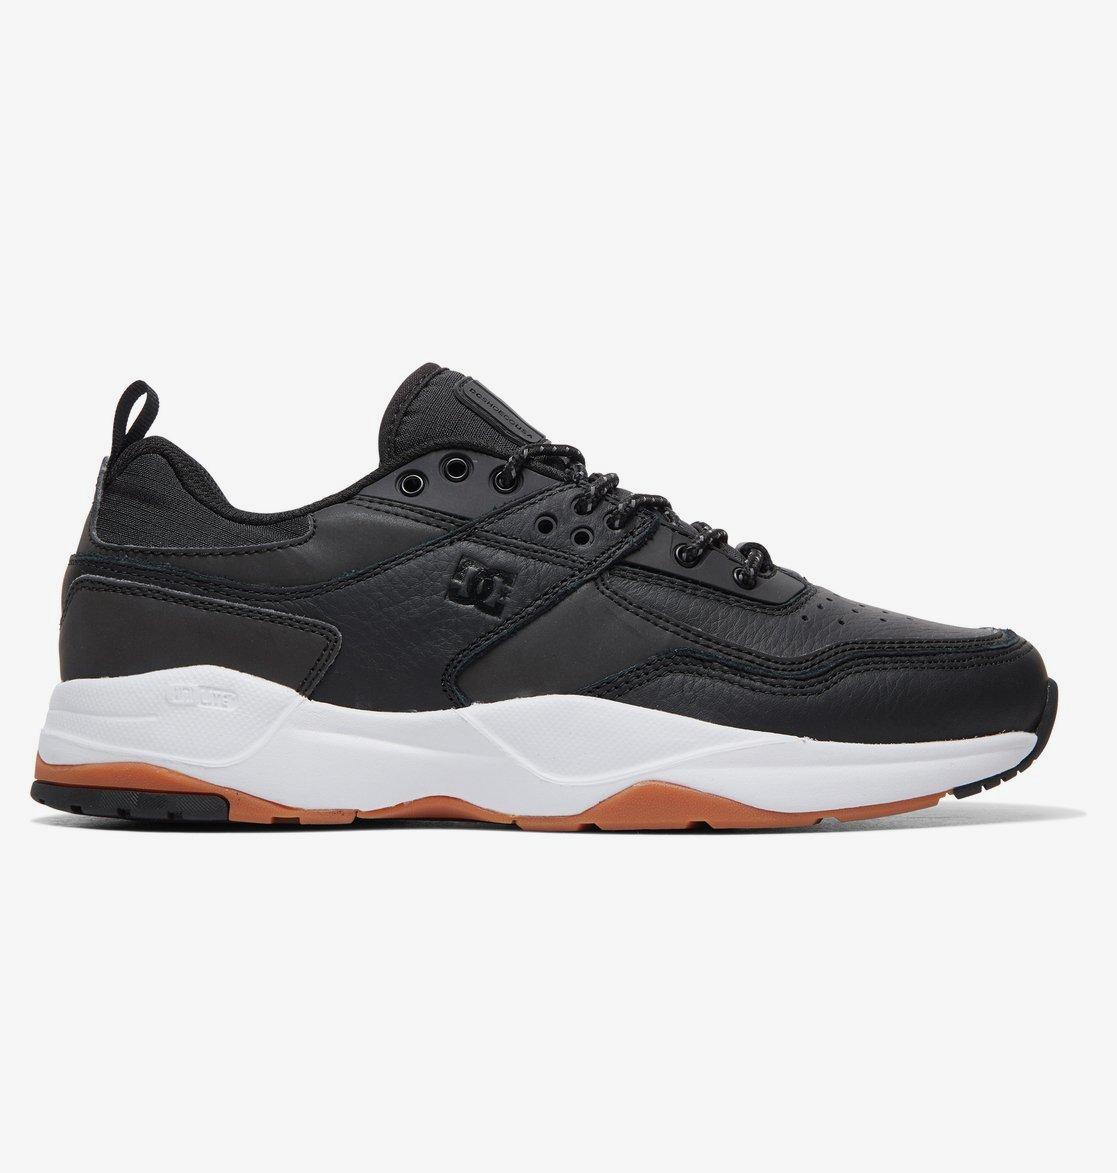 fornire un sacco di le migliori scarpe online E.Tribeka LE - Scarpe di pelle da Uomo